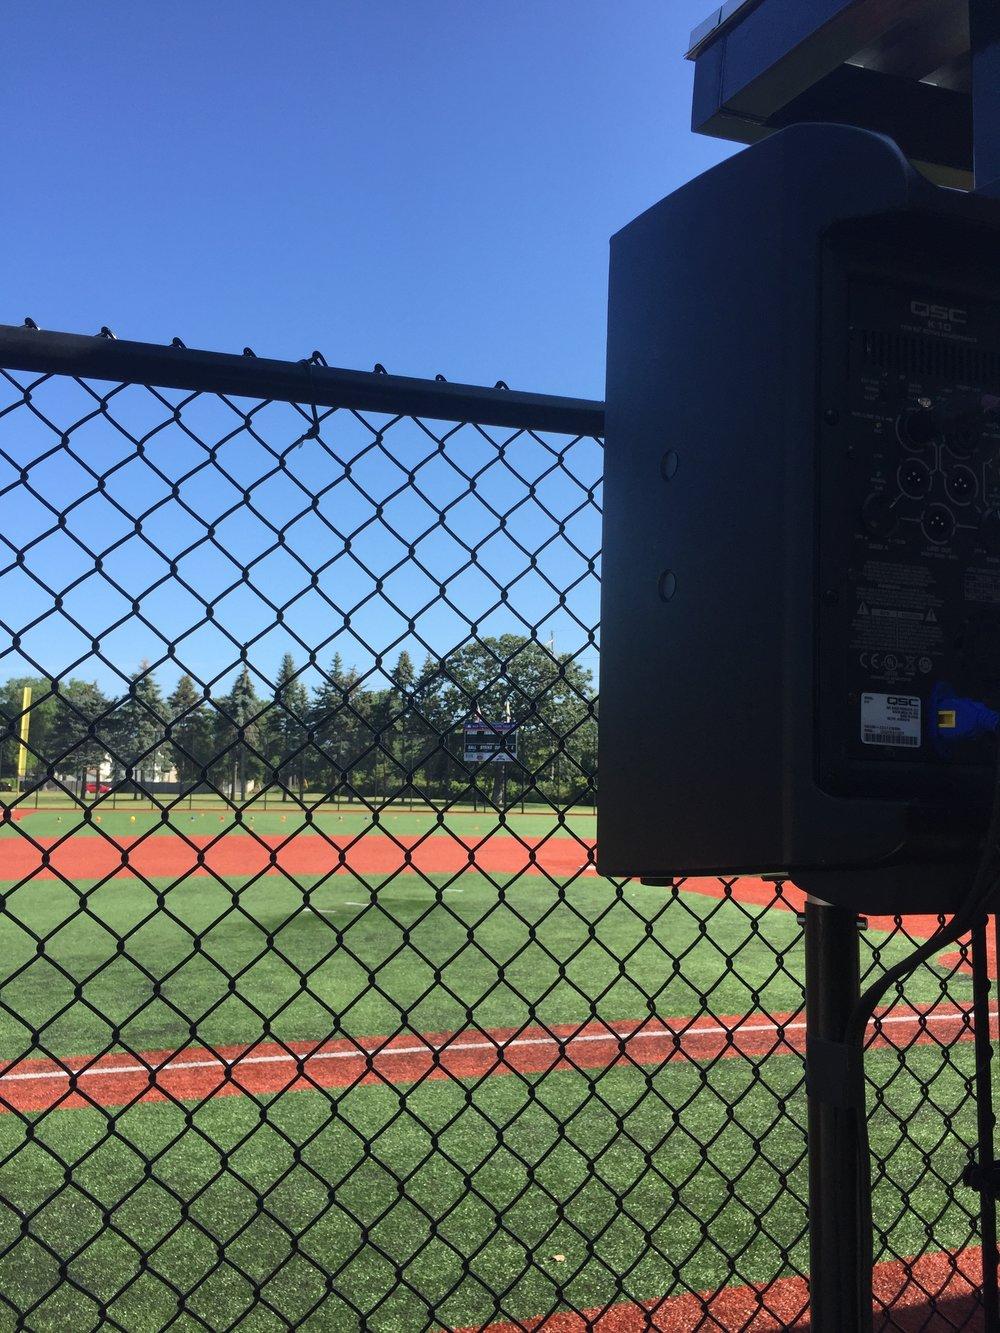 Picture of AV for You speaker rental at Twins All-Star Field for Cal Ripken Sr Foundation